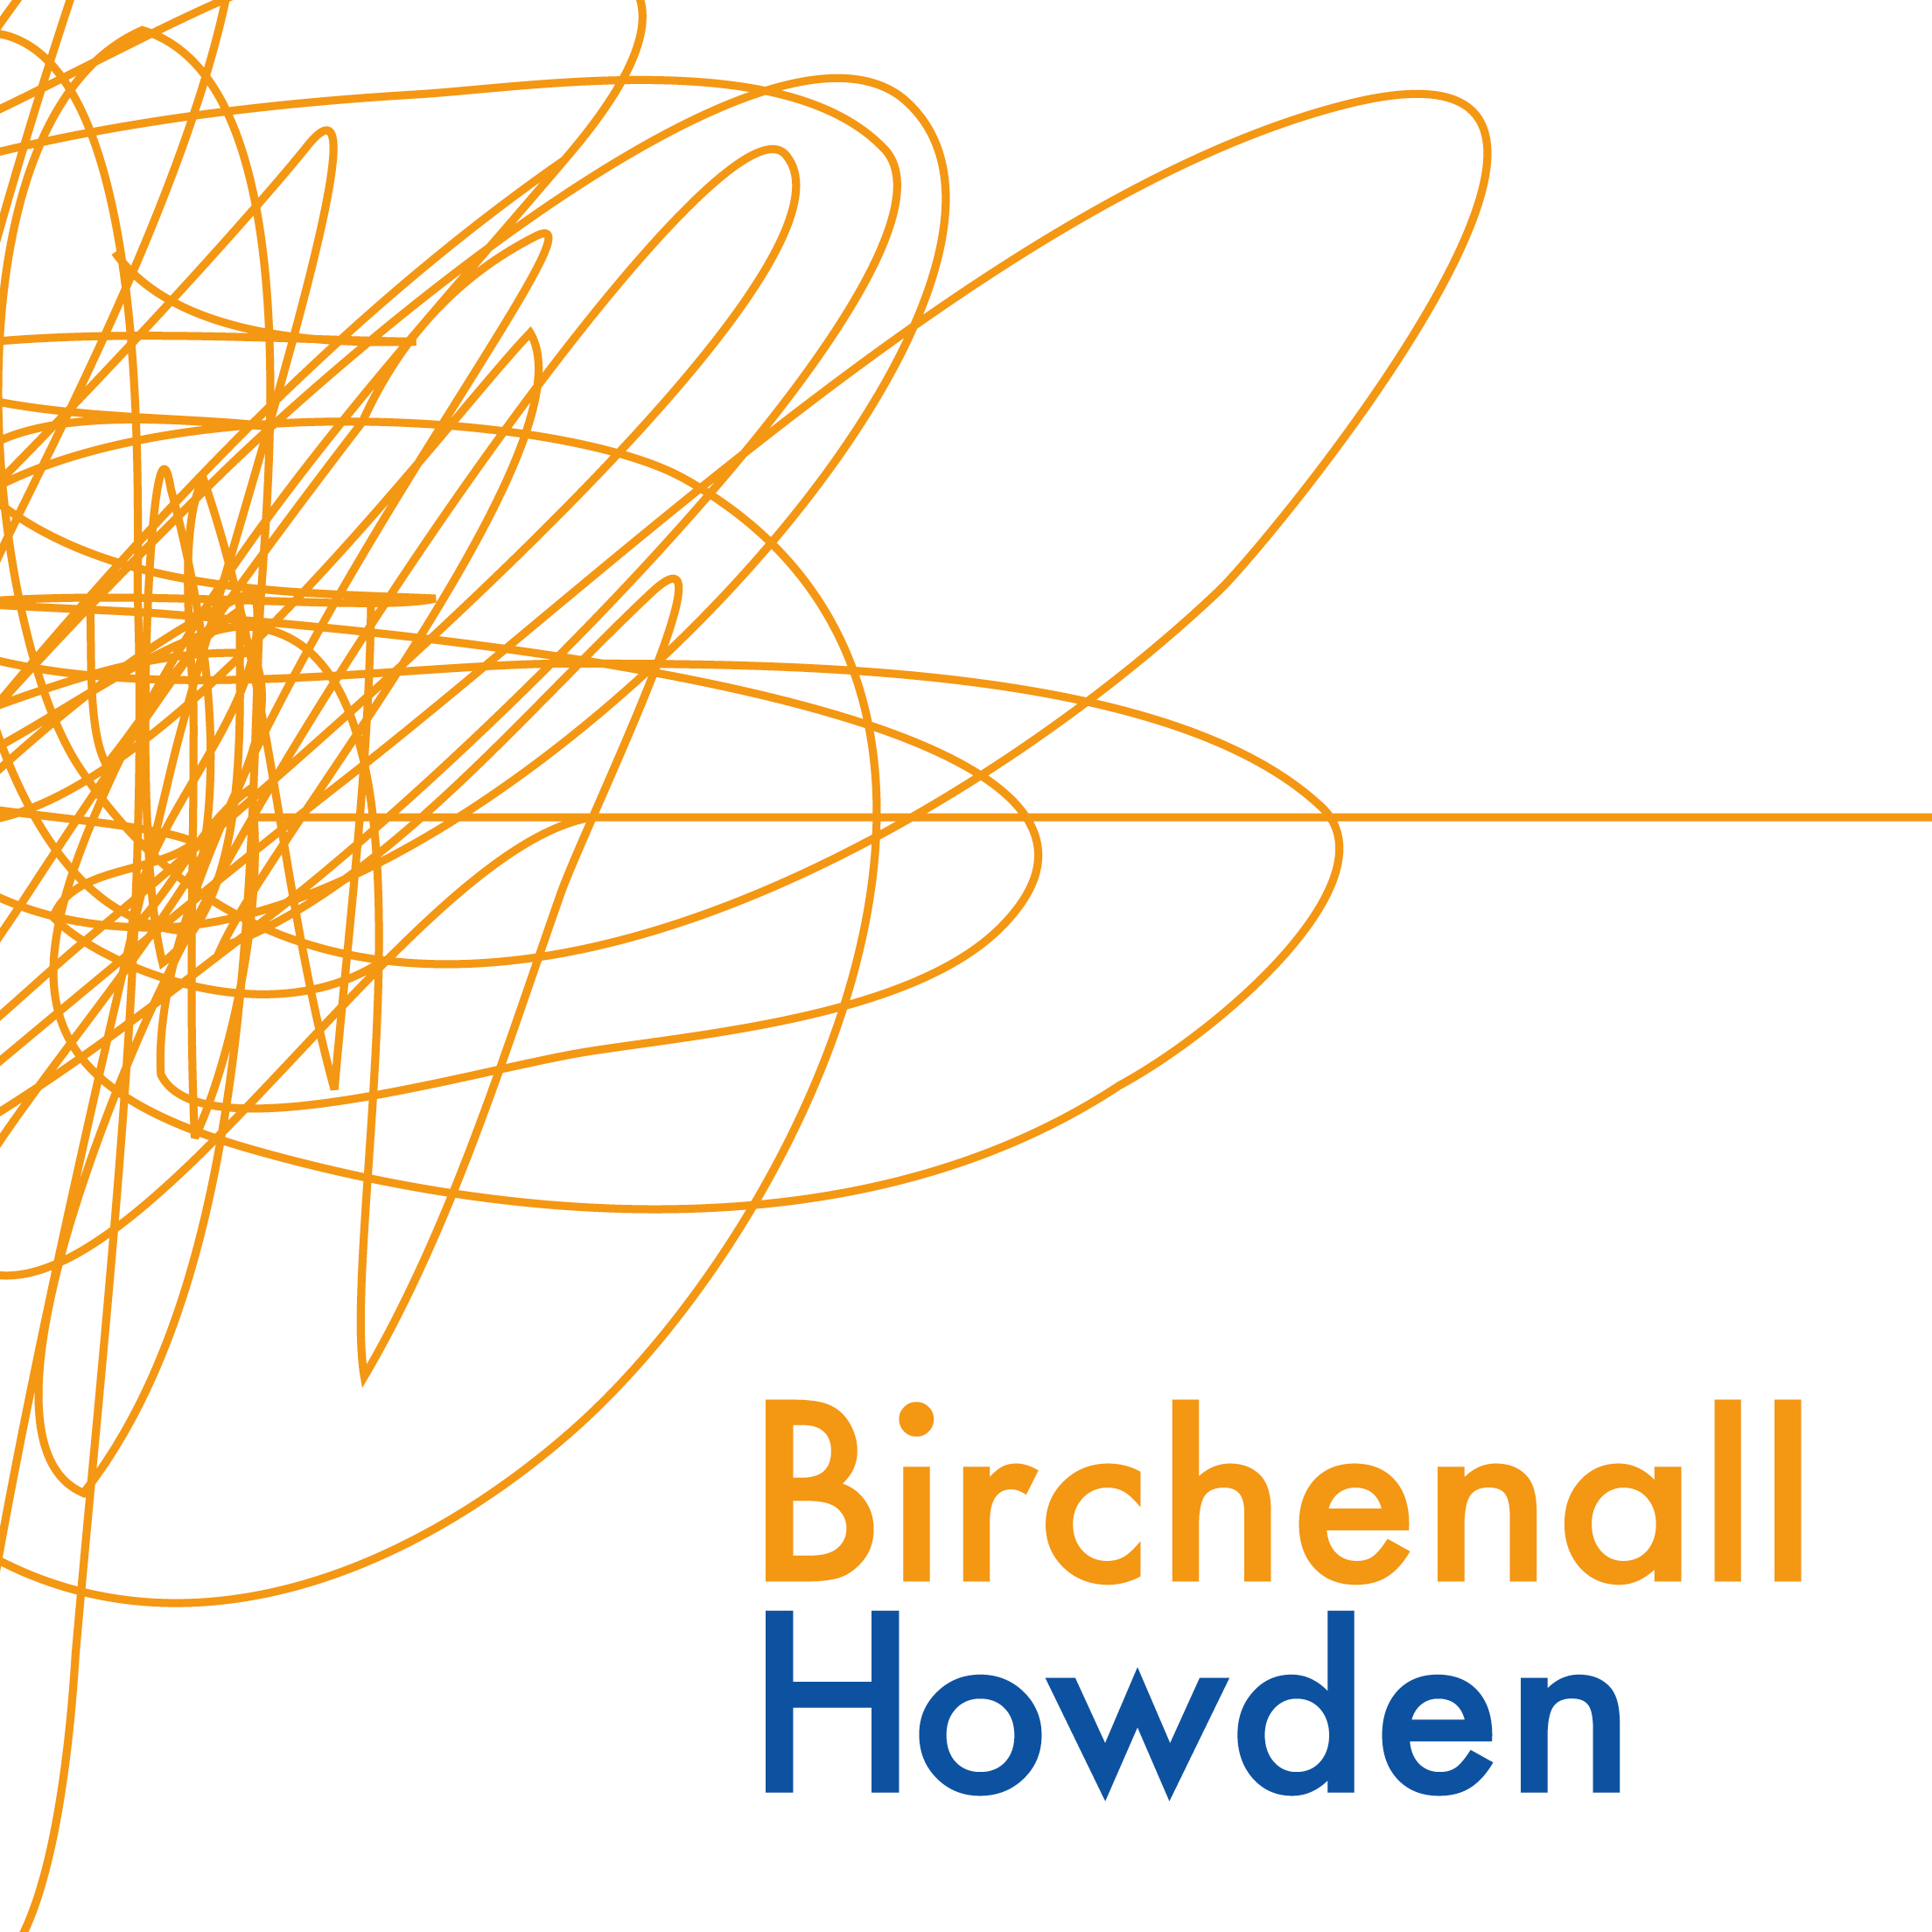 BIRCHENALL HOWDEN BRANDING